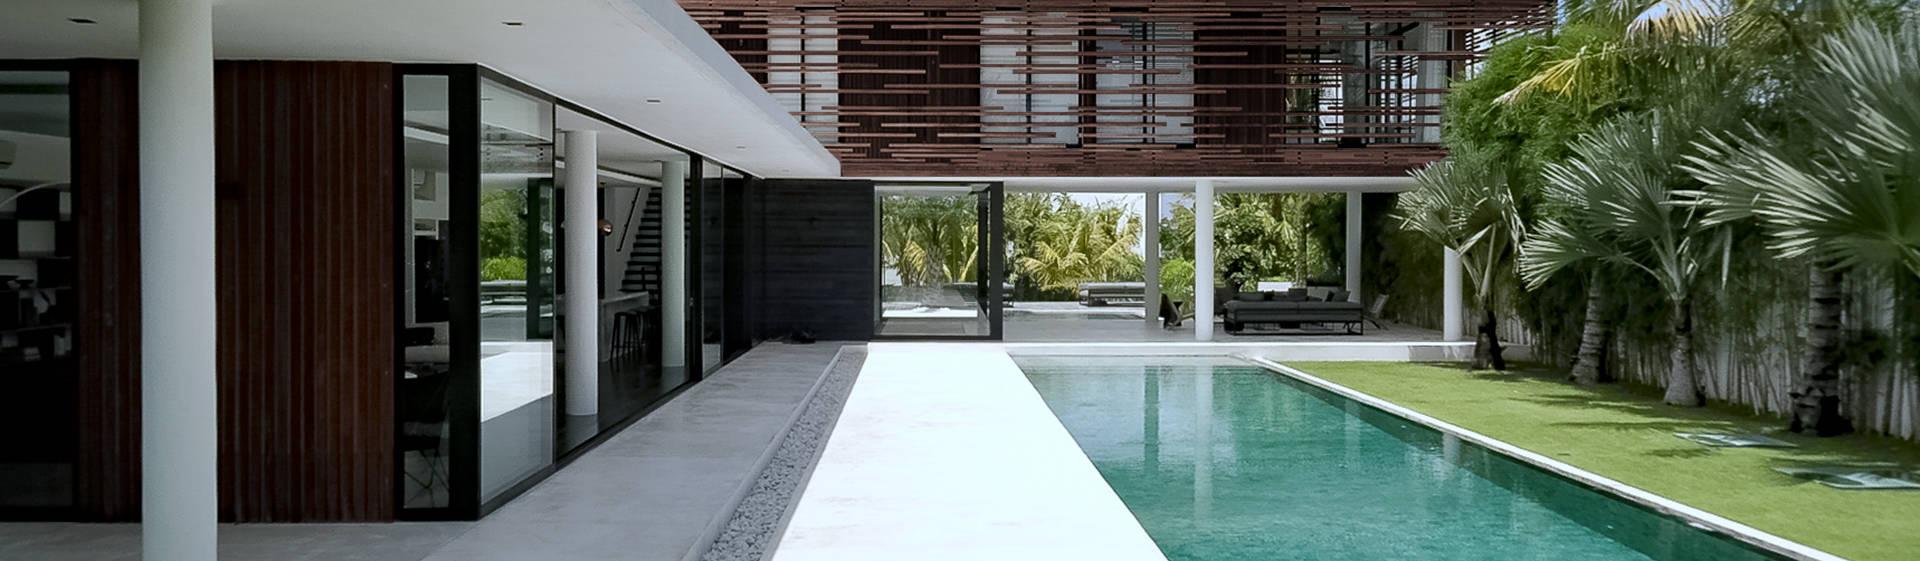 Maisons et villas modernes par les architectes d 39 a2 sb par for Belles villas modernes